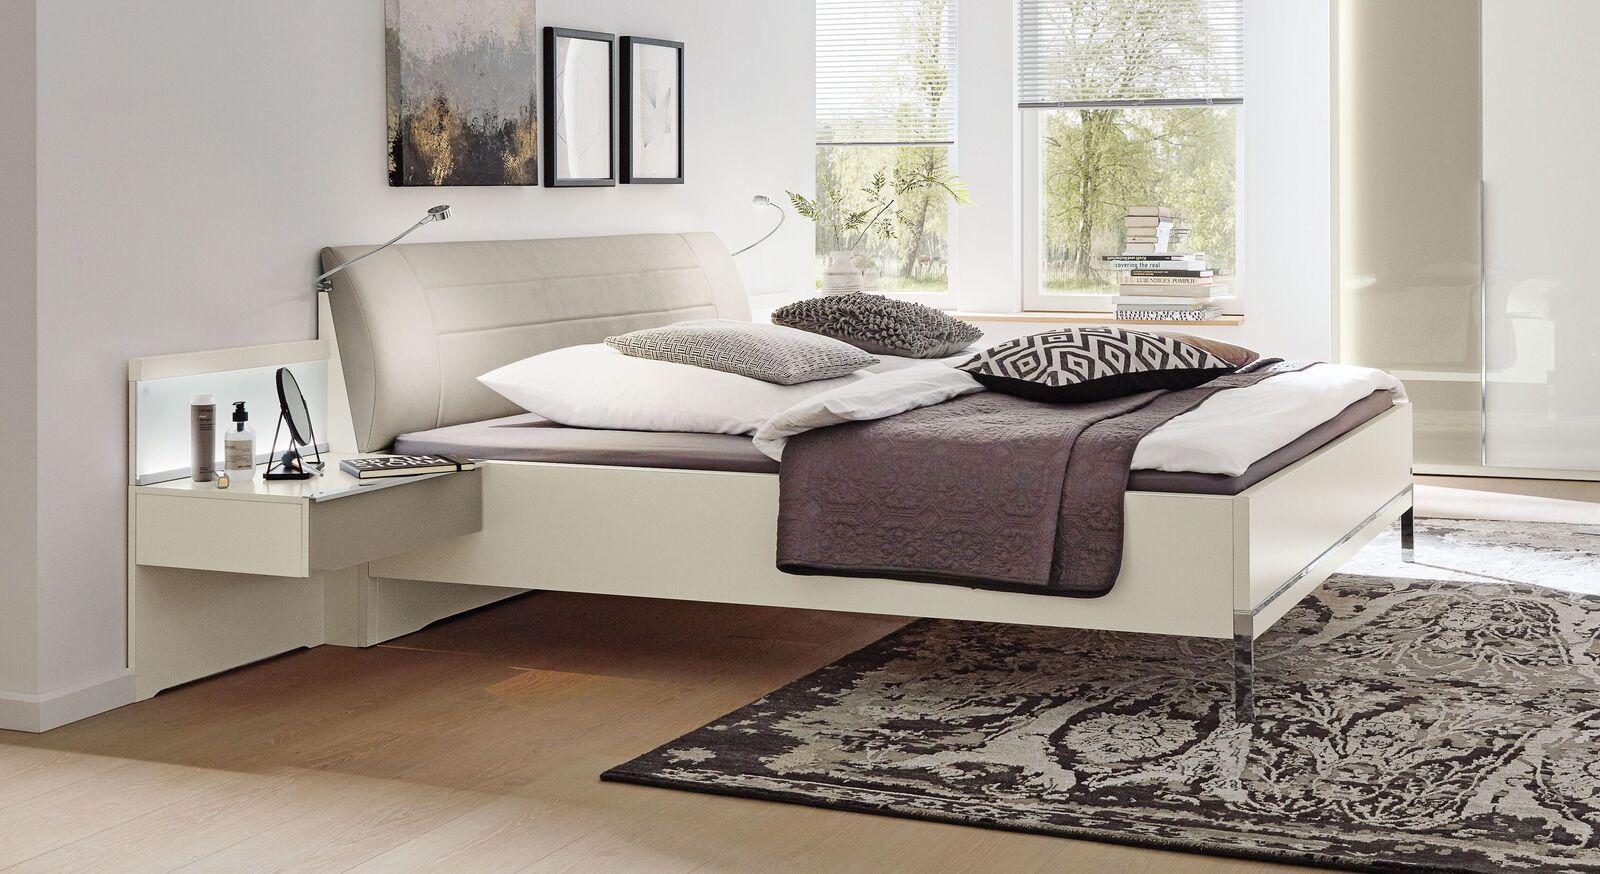 MUSTERRING Bett San Diego Weiß in Doppelbett-Größe